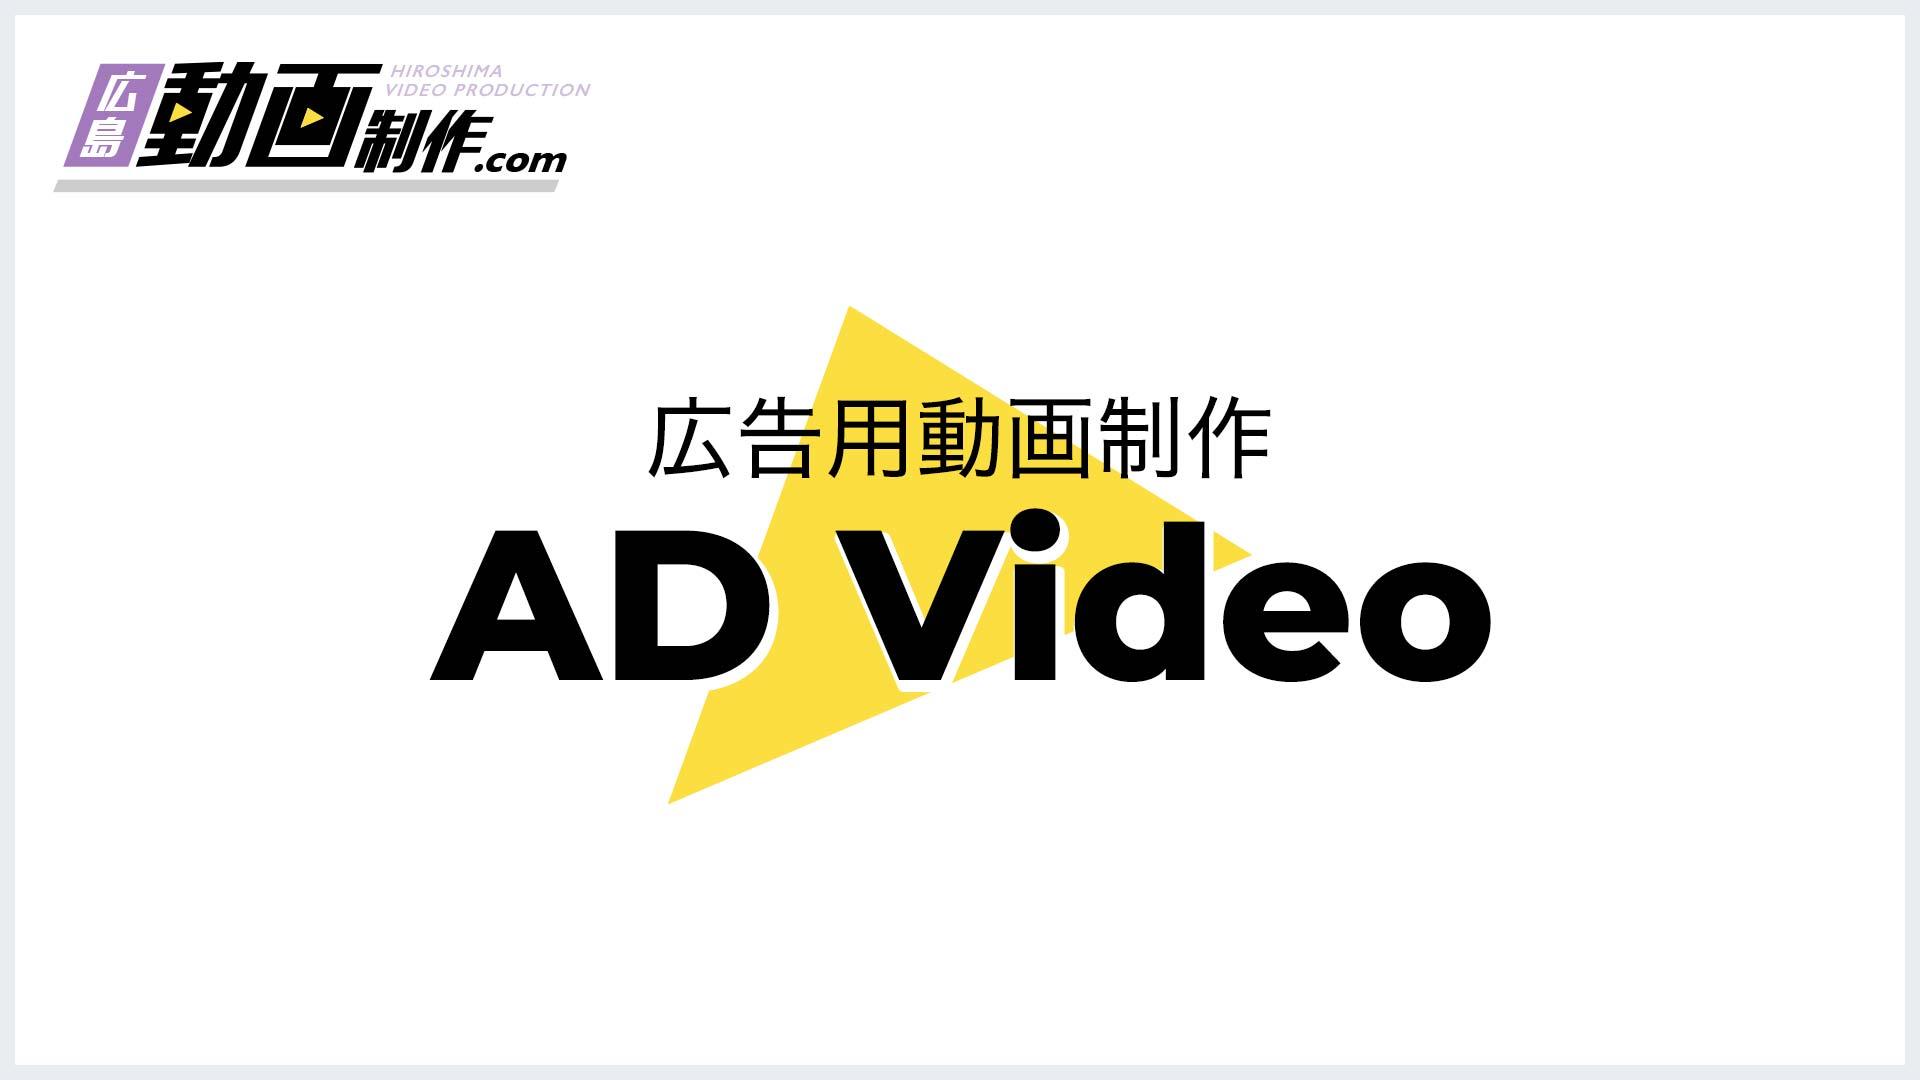 広島動画制作.com 広告用短尺動画制作 サムネイル